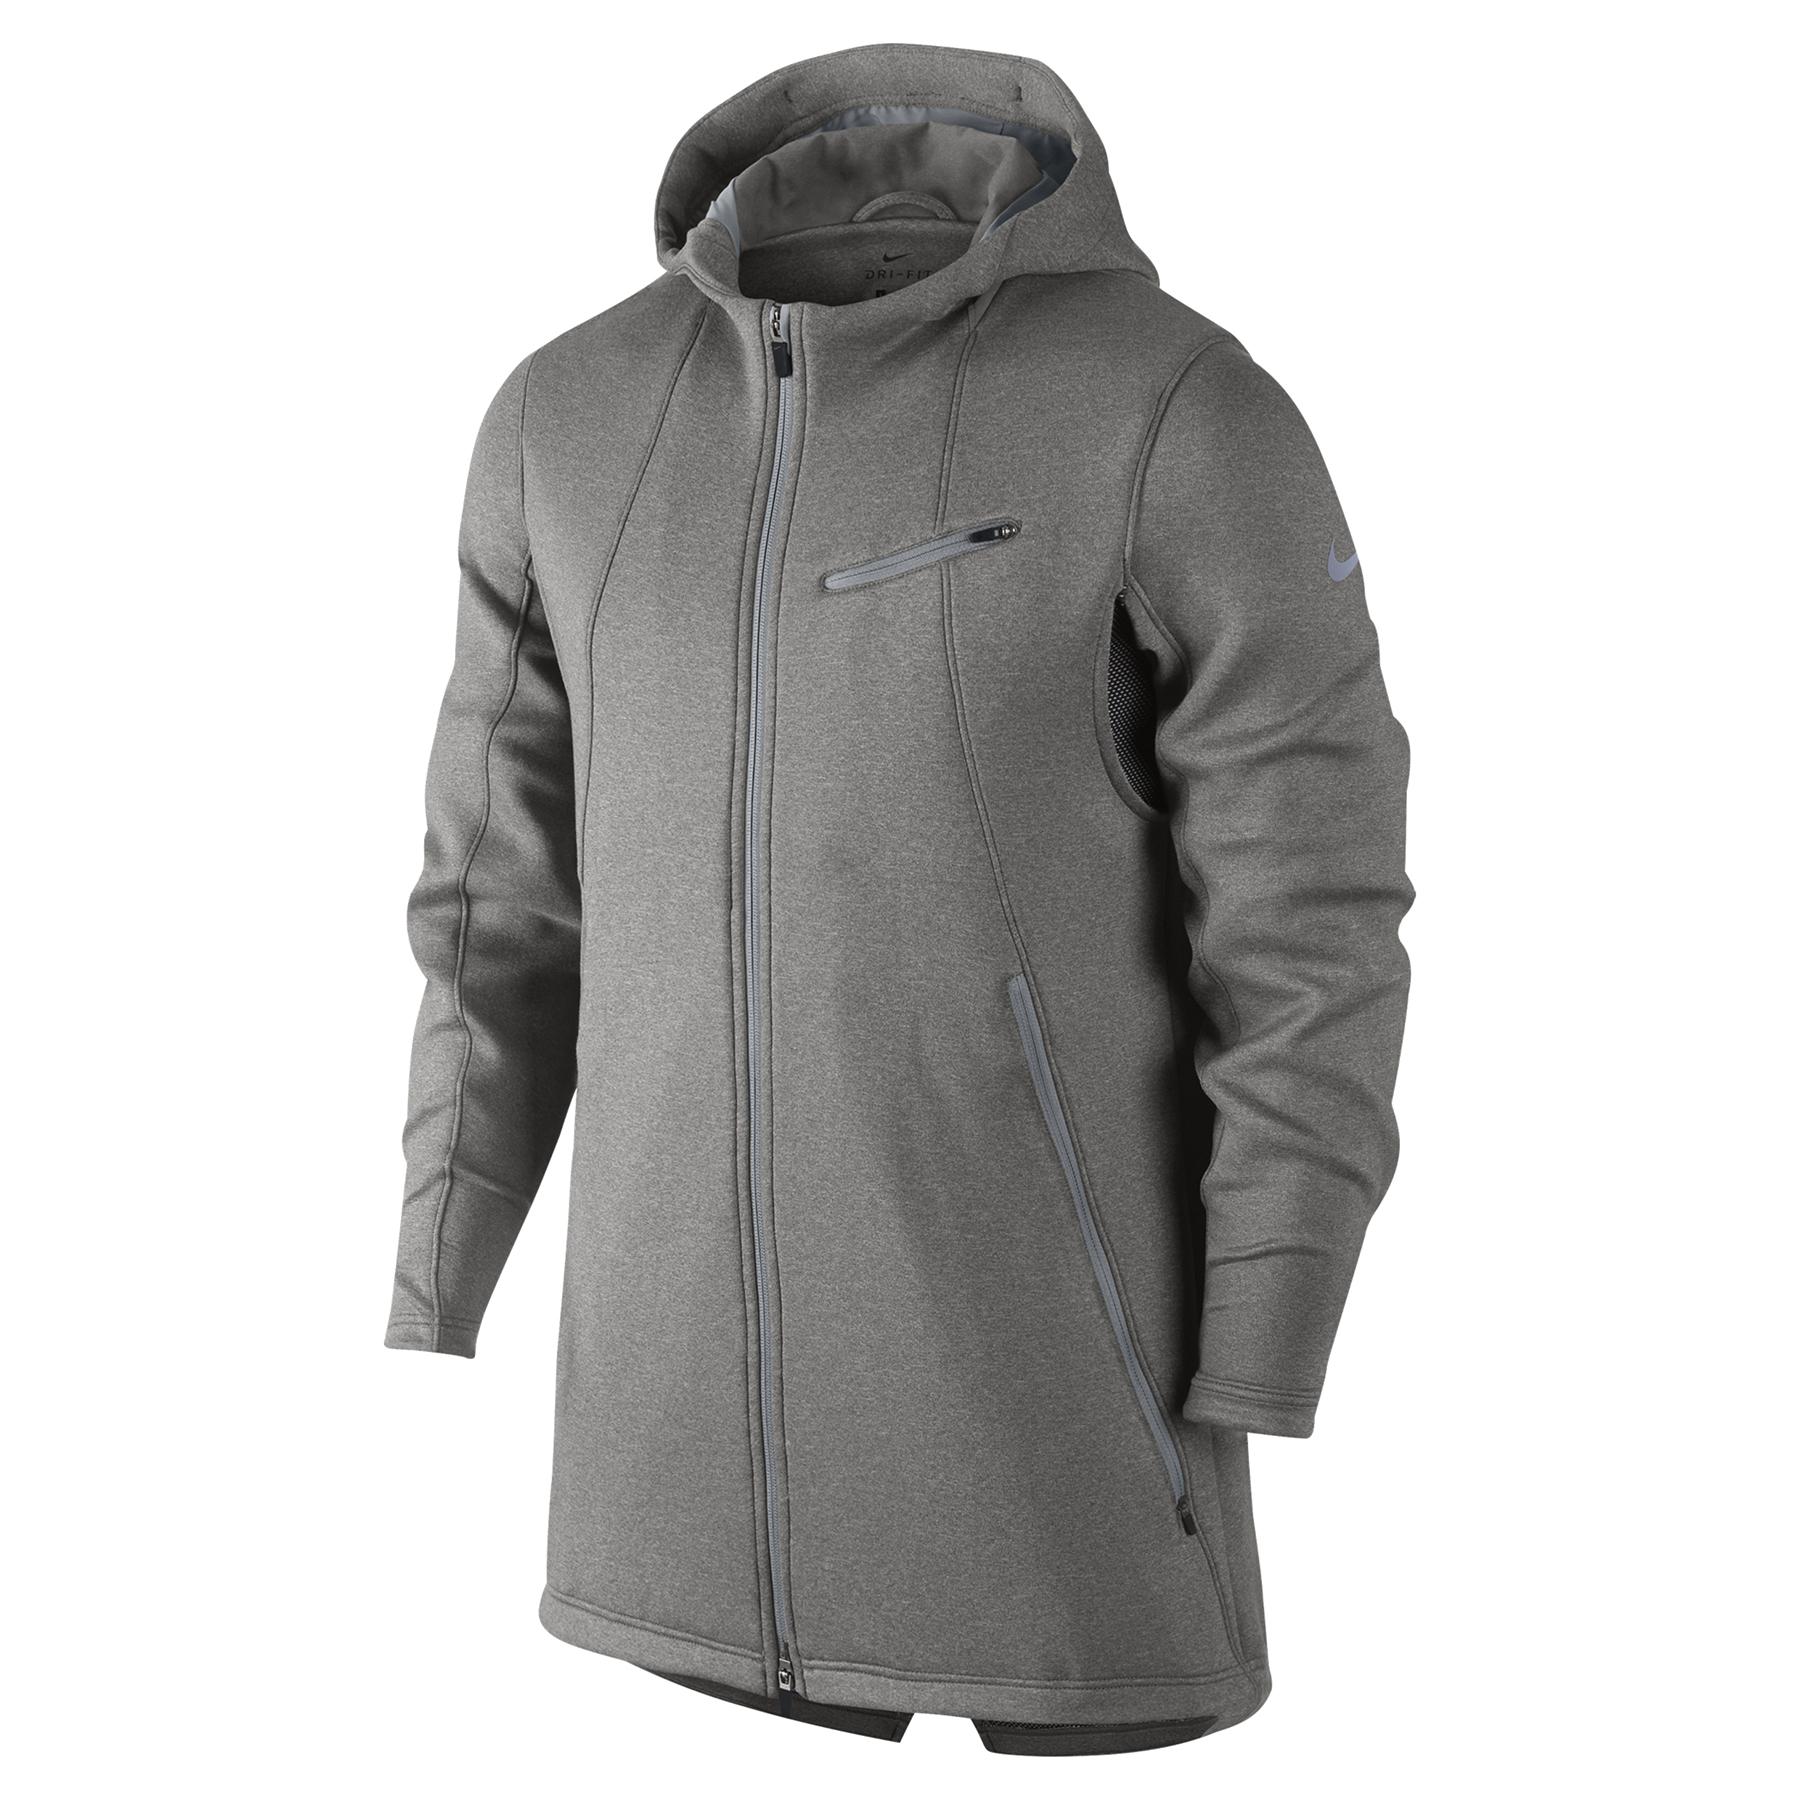 Nike Therma Sphere KD Jacket - Dark Grey Heather